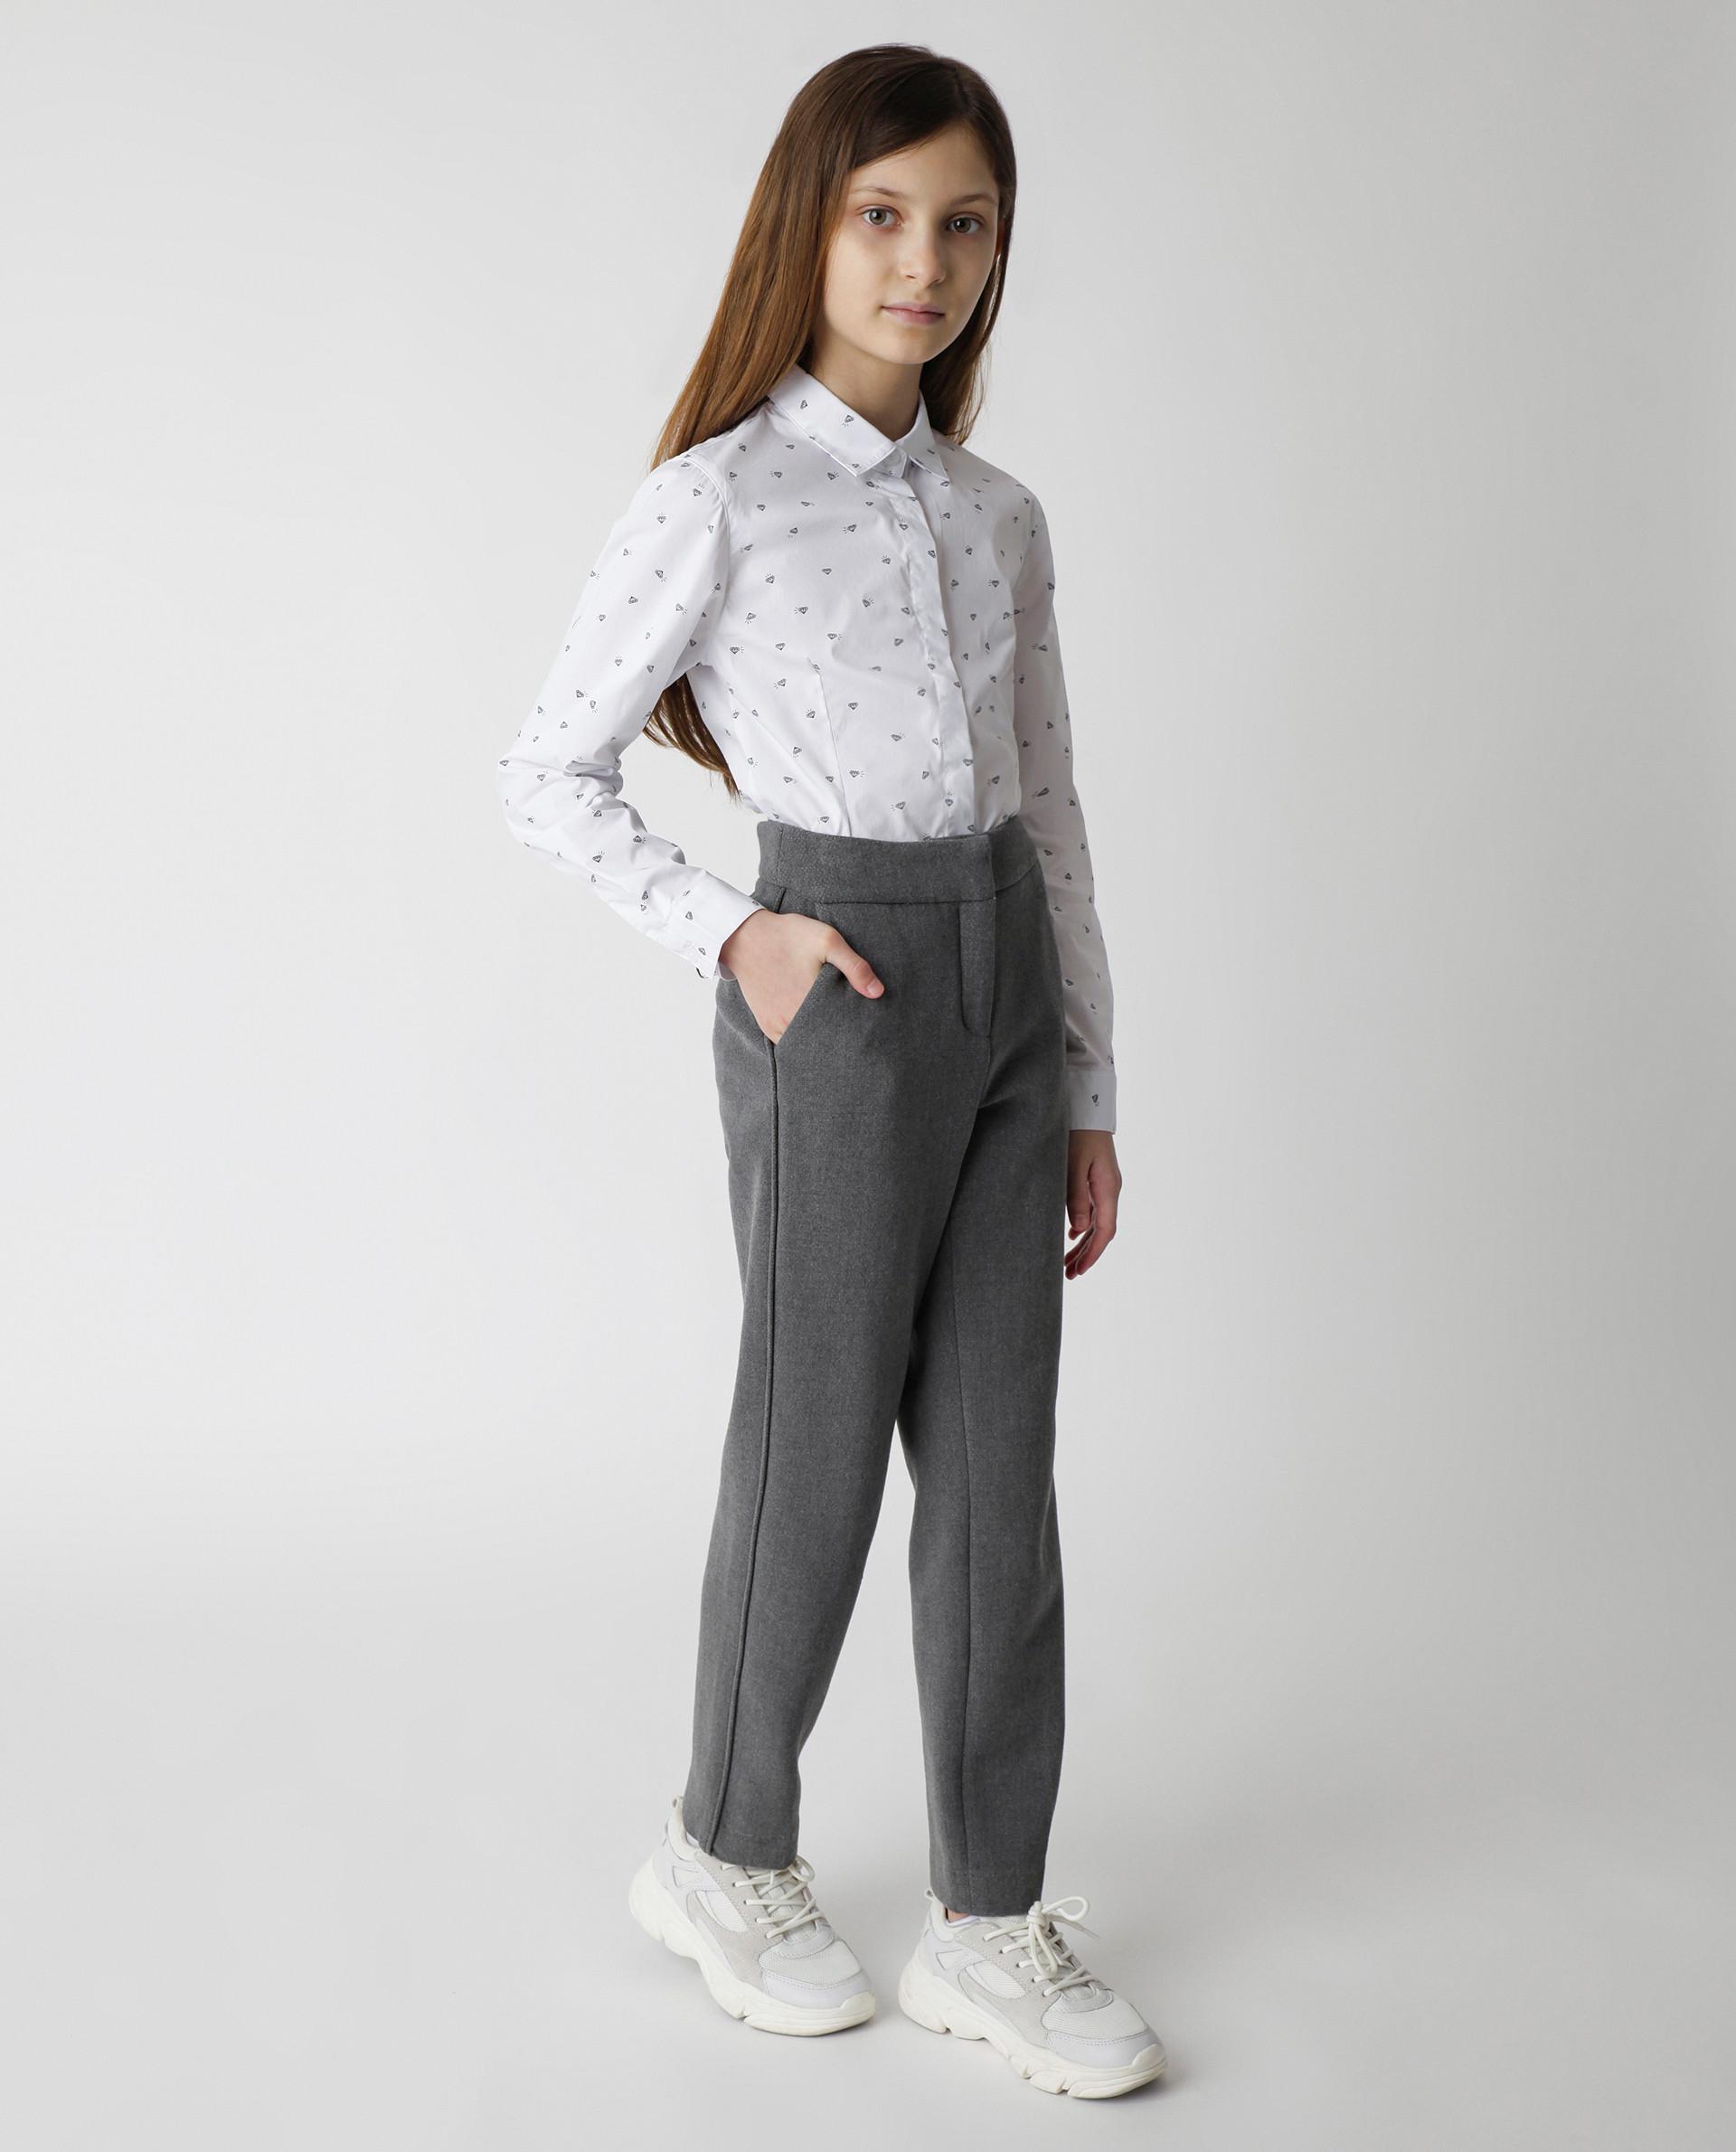 Купить Белая блузка с принтом Gulliver, модель 220GSGC2204, р. 170,